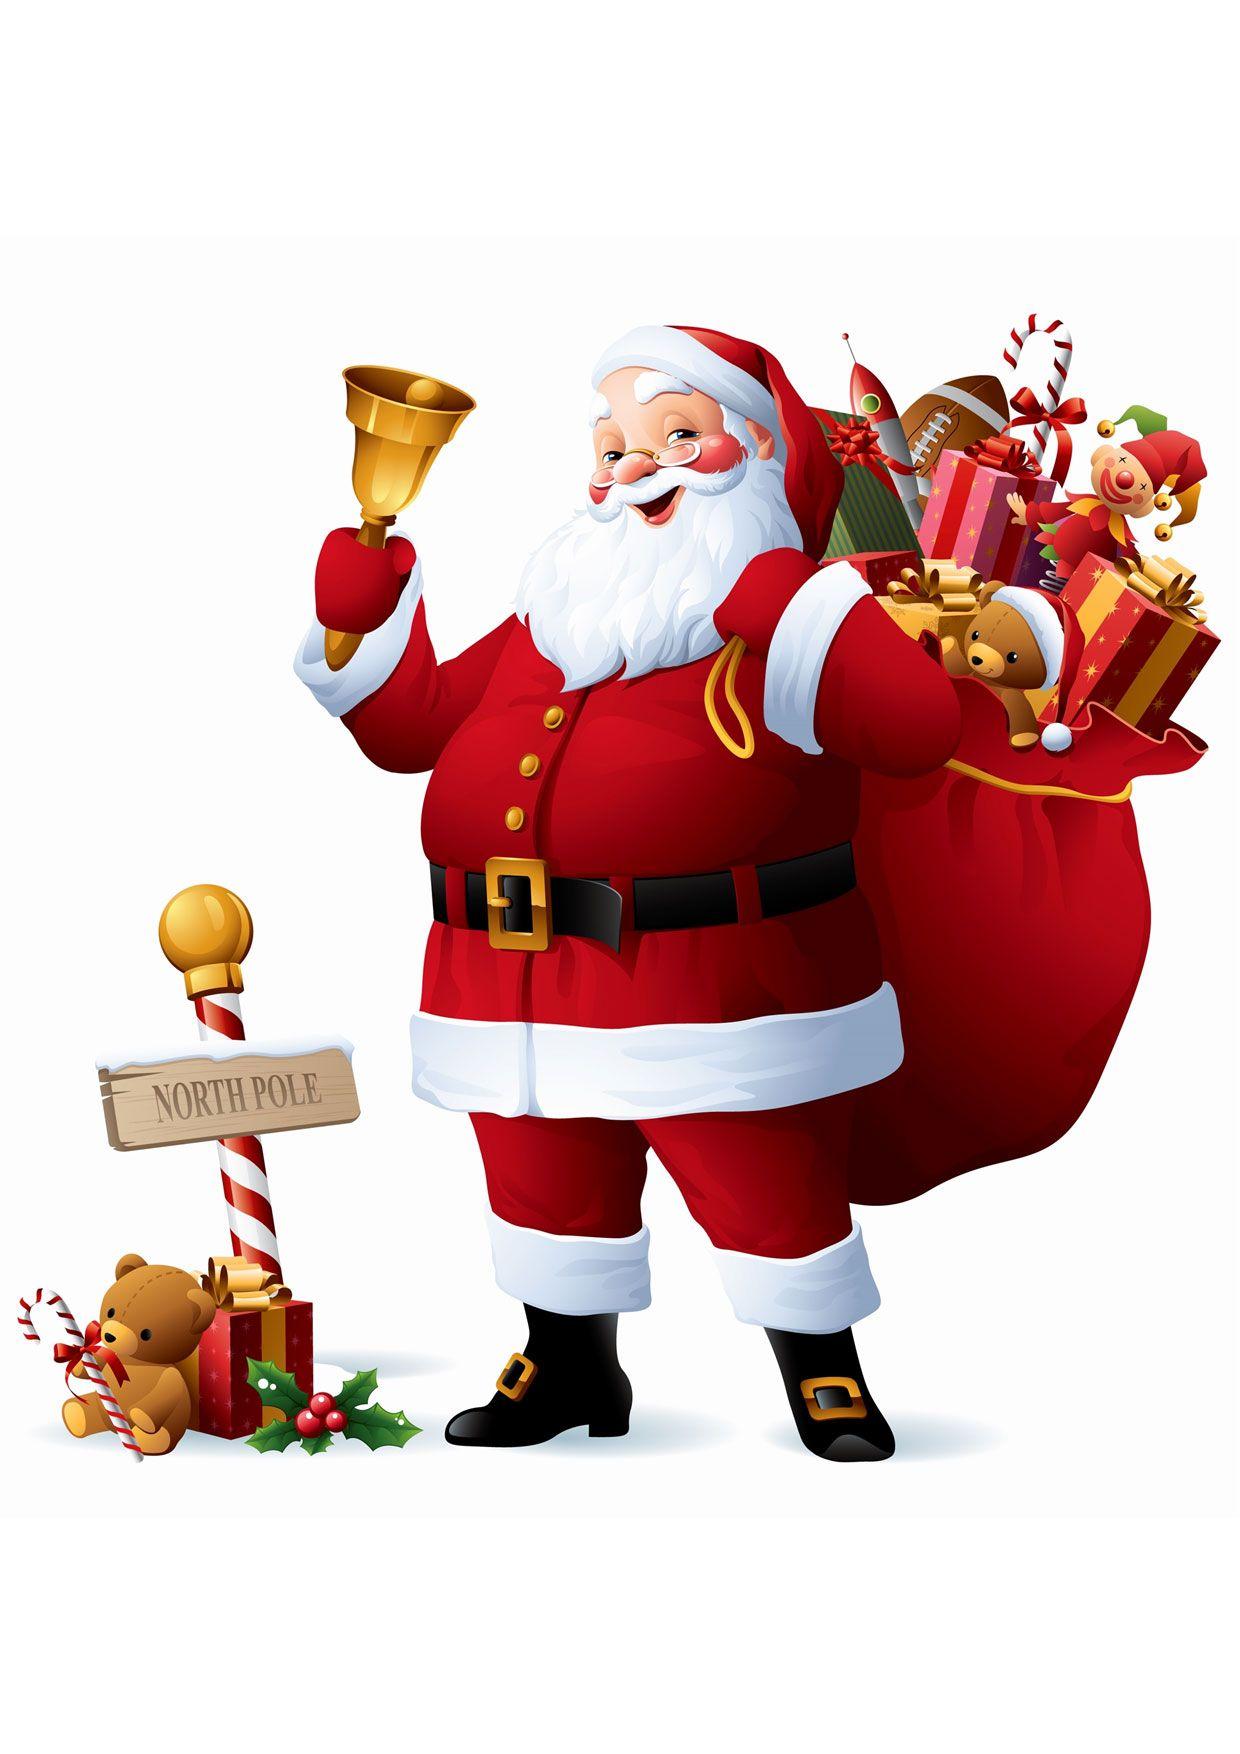 Immagini Natalizie Da Stampare Gia Colorate.30 Disegni Di Babbo Natale Gia Colorati Da Stampare